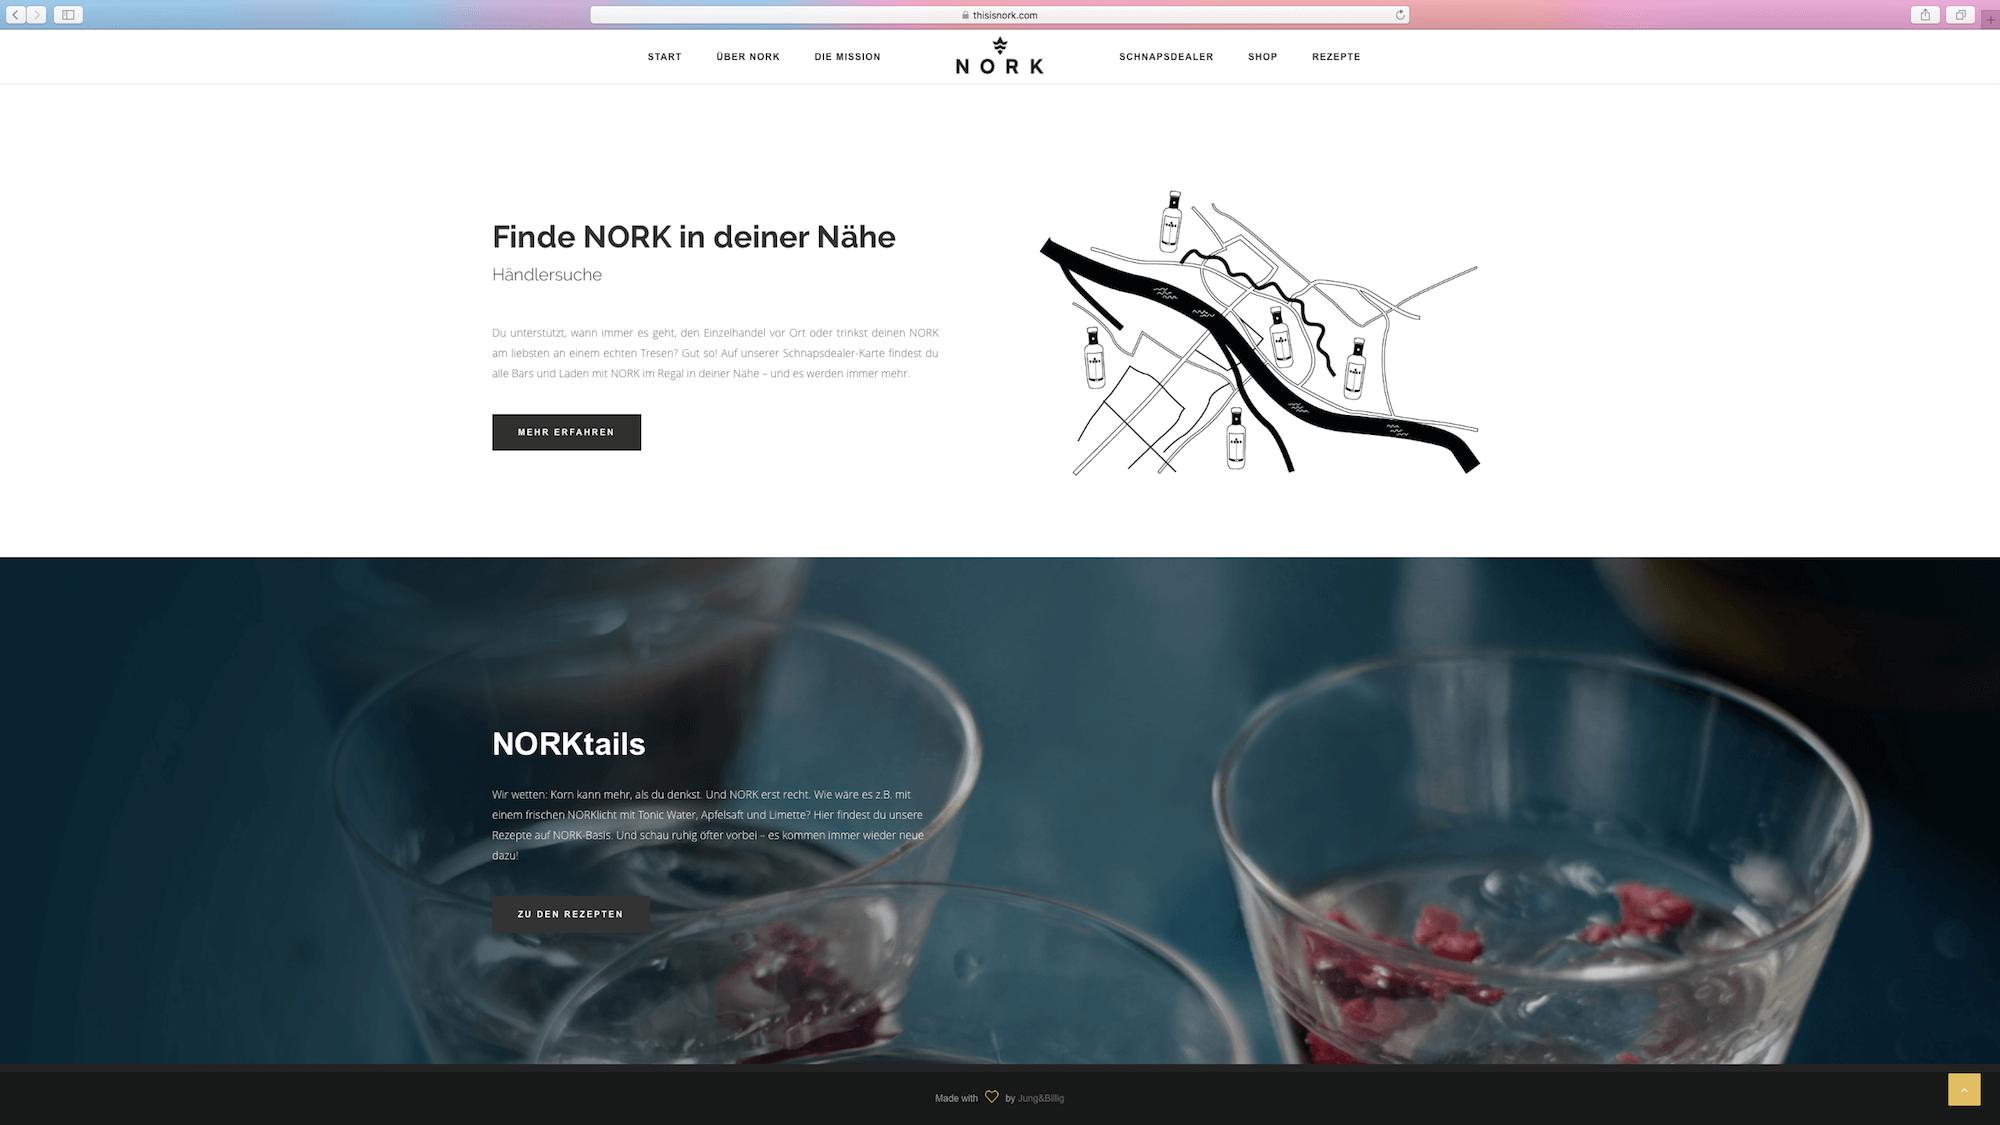 Bildschirmfoto 2018 02 01 um 15.40.20 - Relaunch für NORK